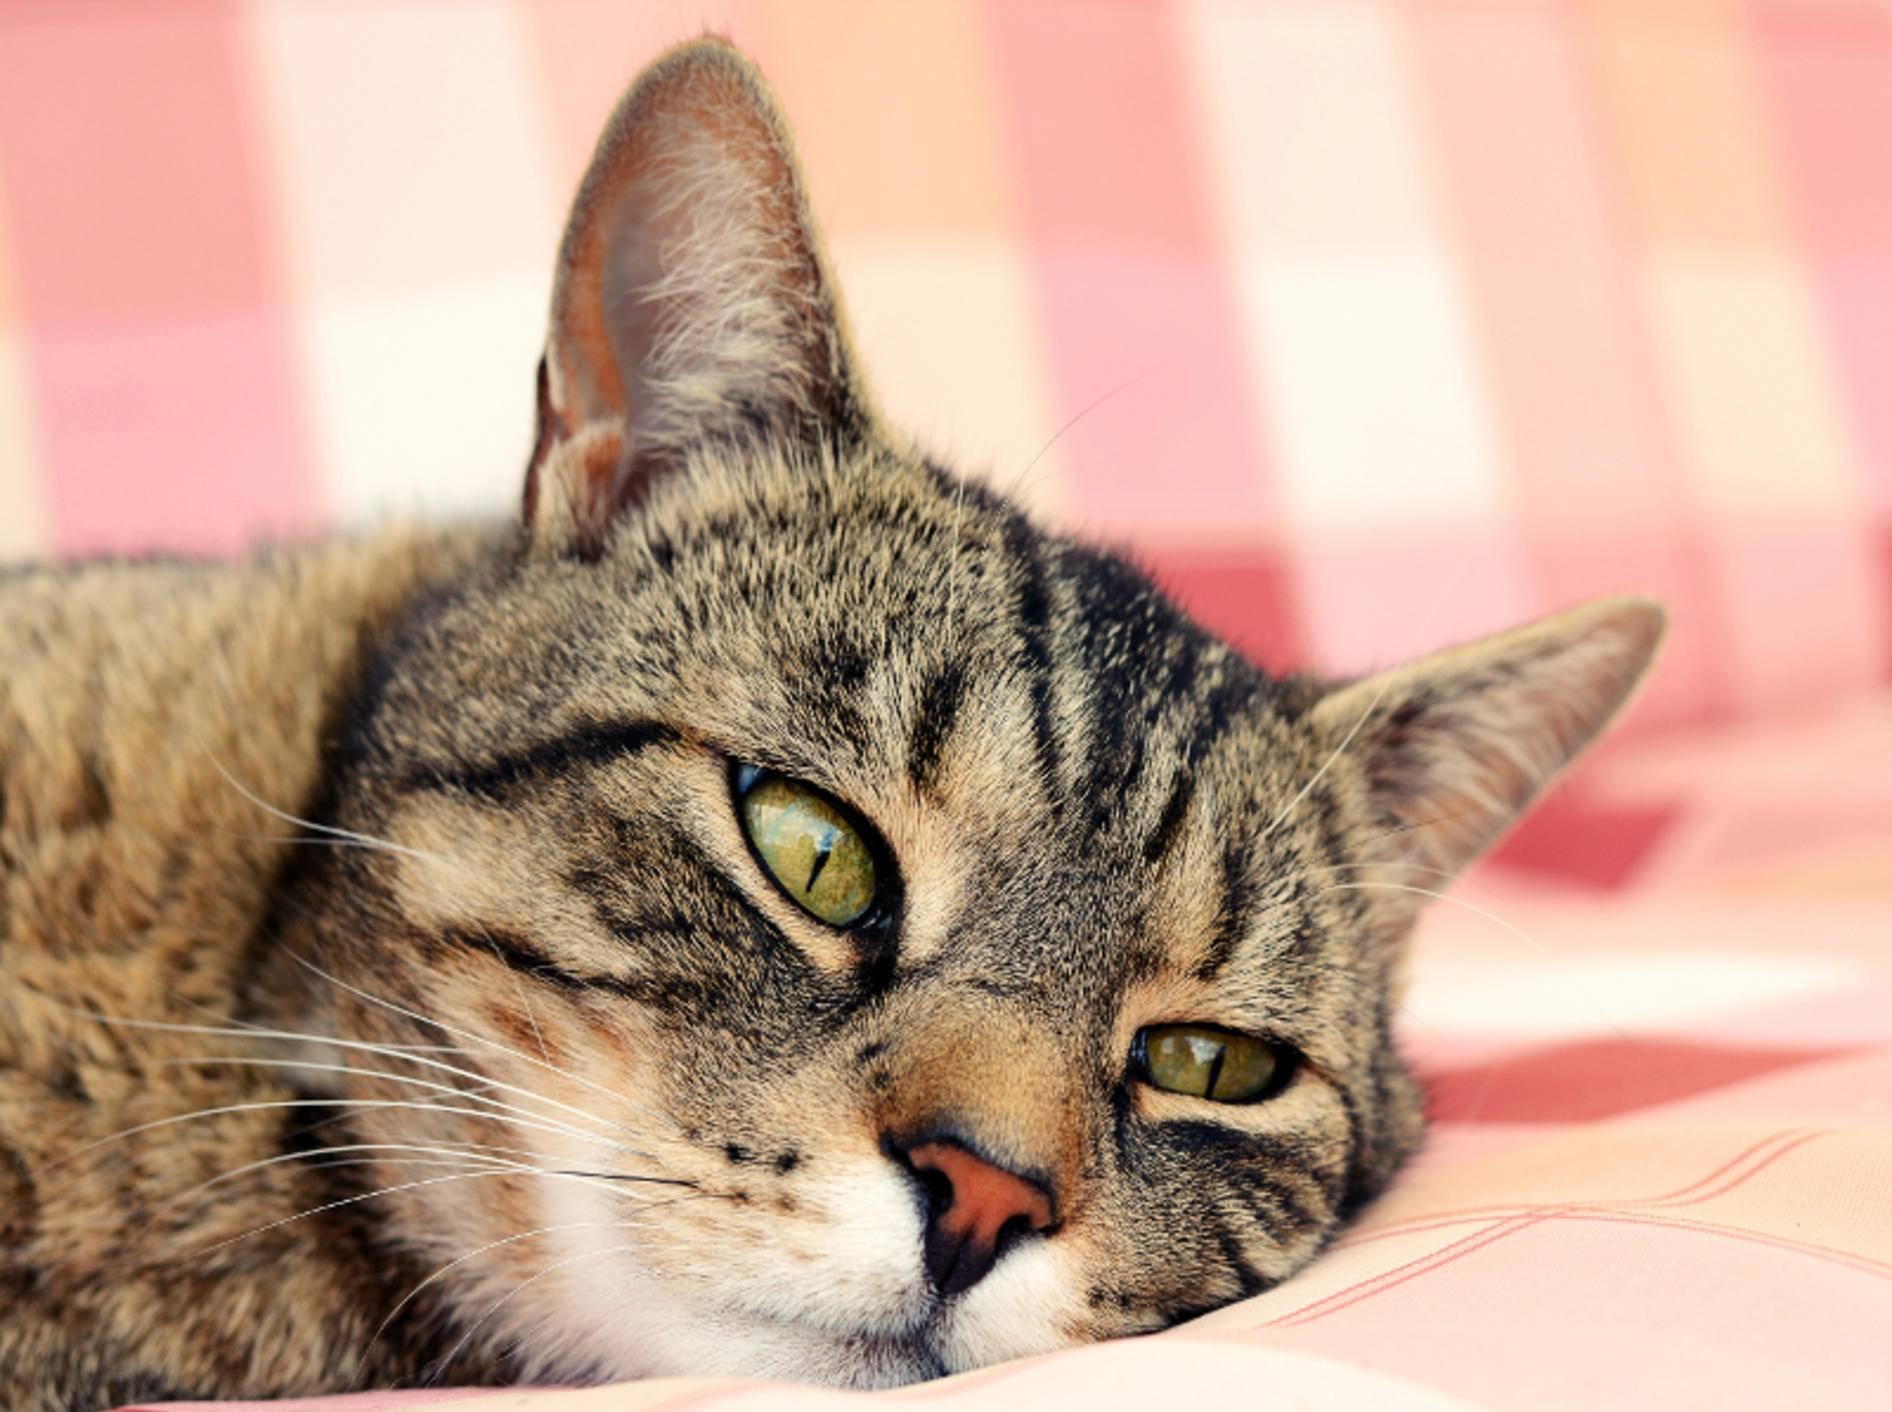 Katzen, die unter Arthrose leiden, sind oft lethargisch – Shutterstock / DavidTB